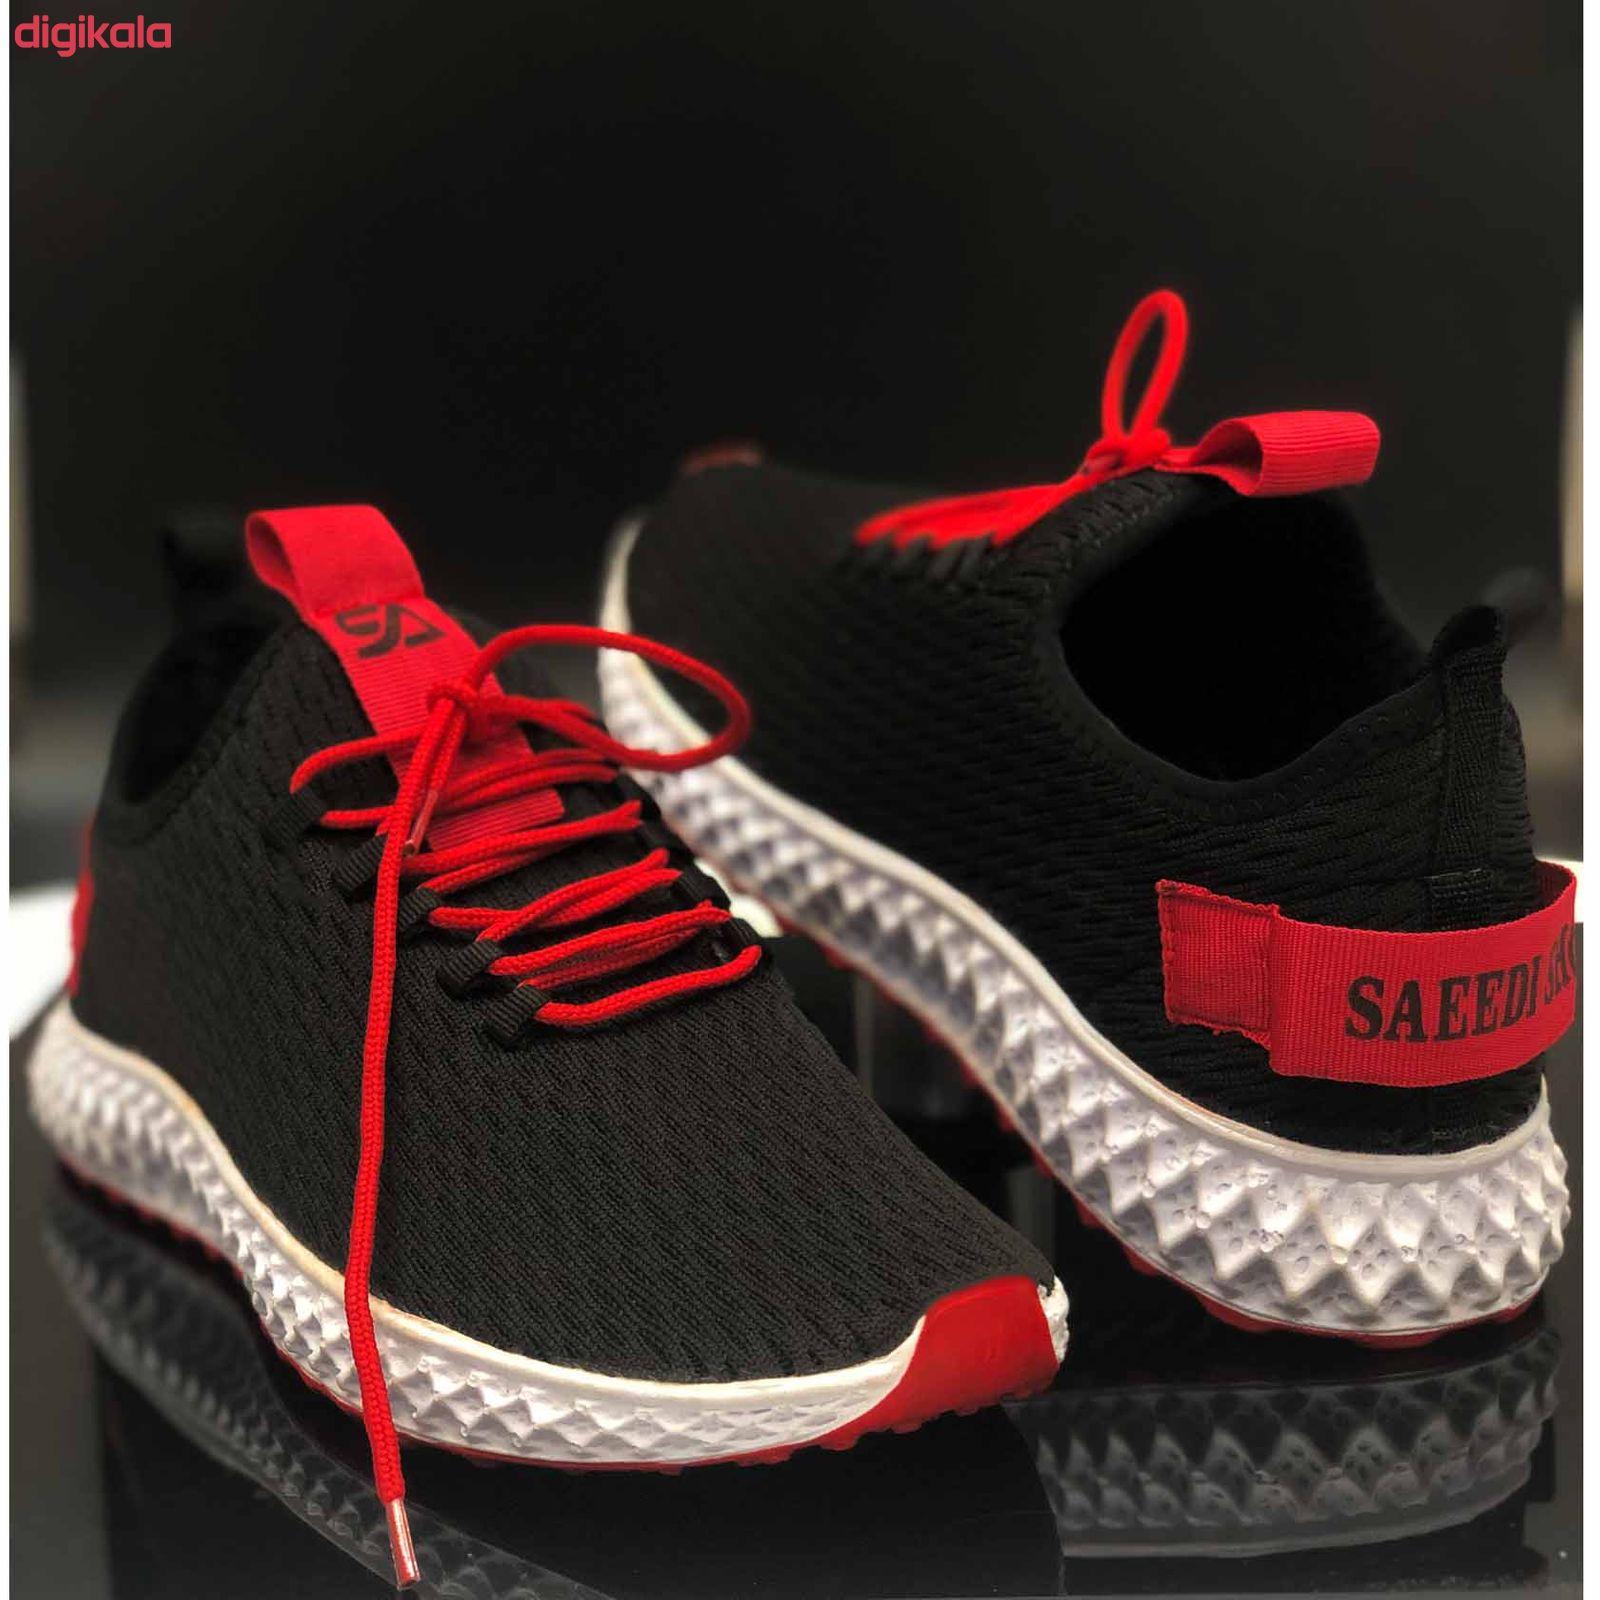 کفش مخصوص پیاده روی سعیدی کد Sa 303 main 1 3